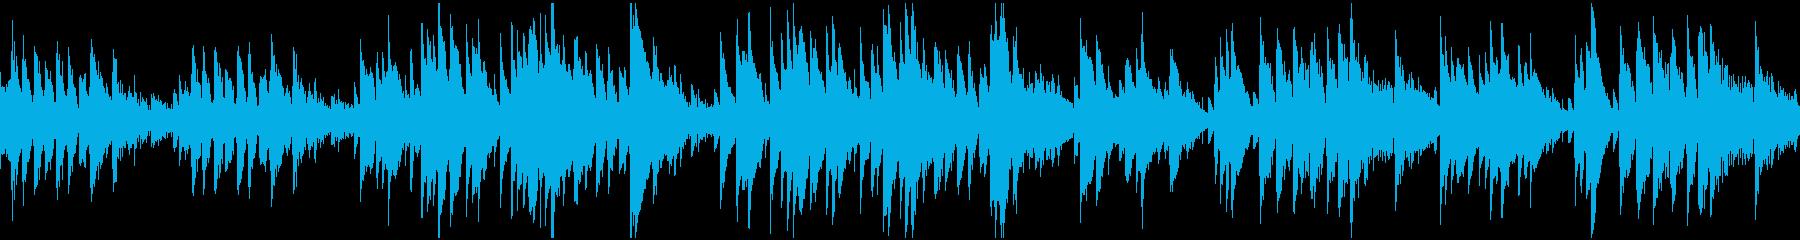 ループ対応耳心地が良い異郷探索風BGMの再生済みの波形